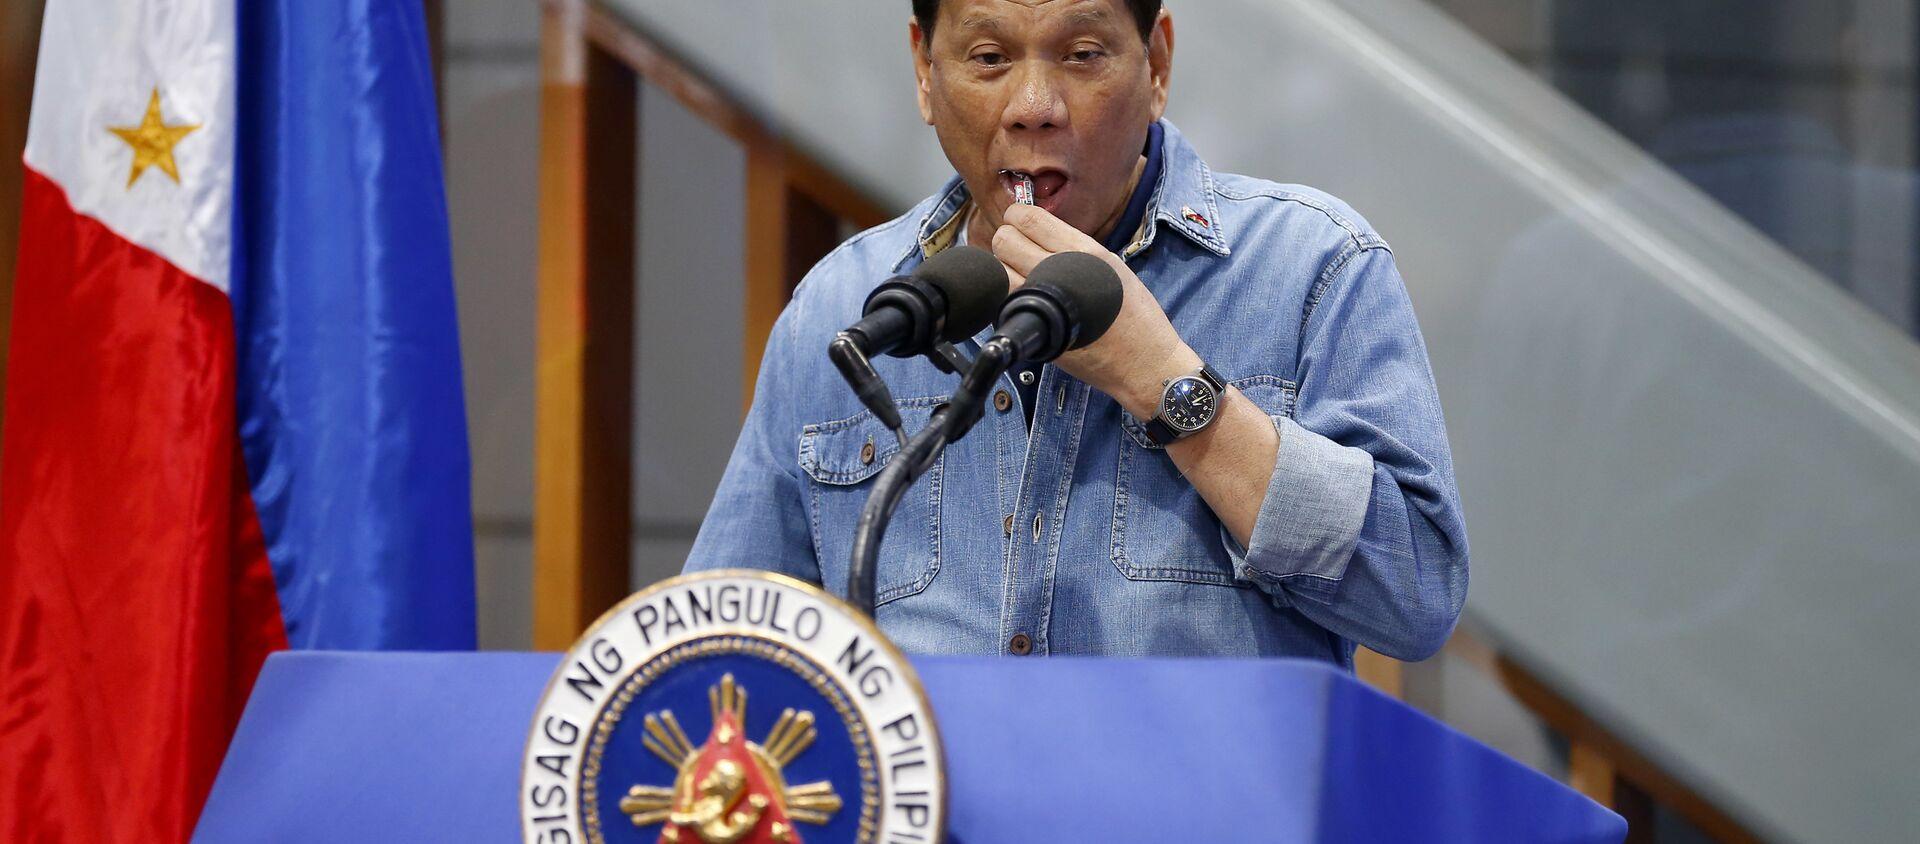 フィリピン大統領 国民は新型コロナワクチンを選べないと発言=マスコミ - Sputnik 日本, 1920, 18.05.2021